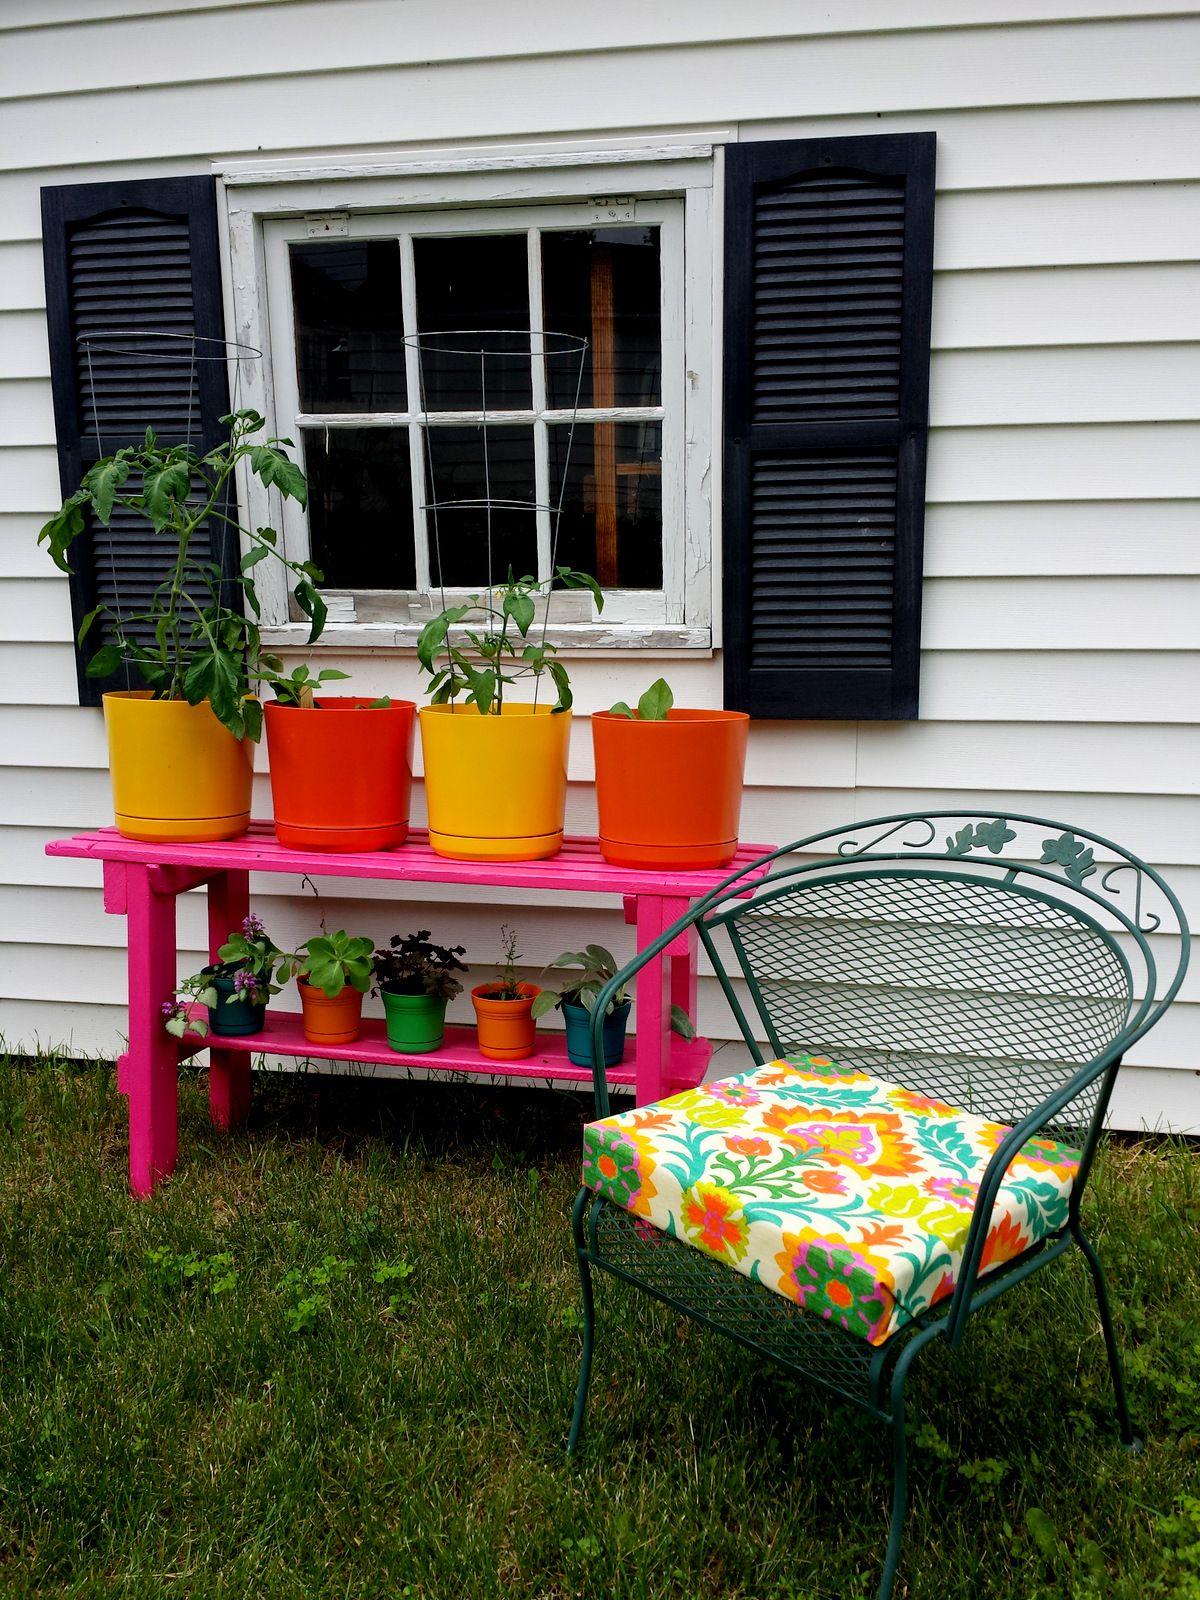 DIY No Sew Patio Seat Cushions Diy patio cushions, Diy